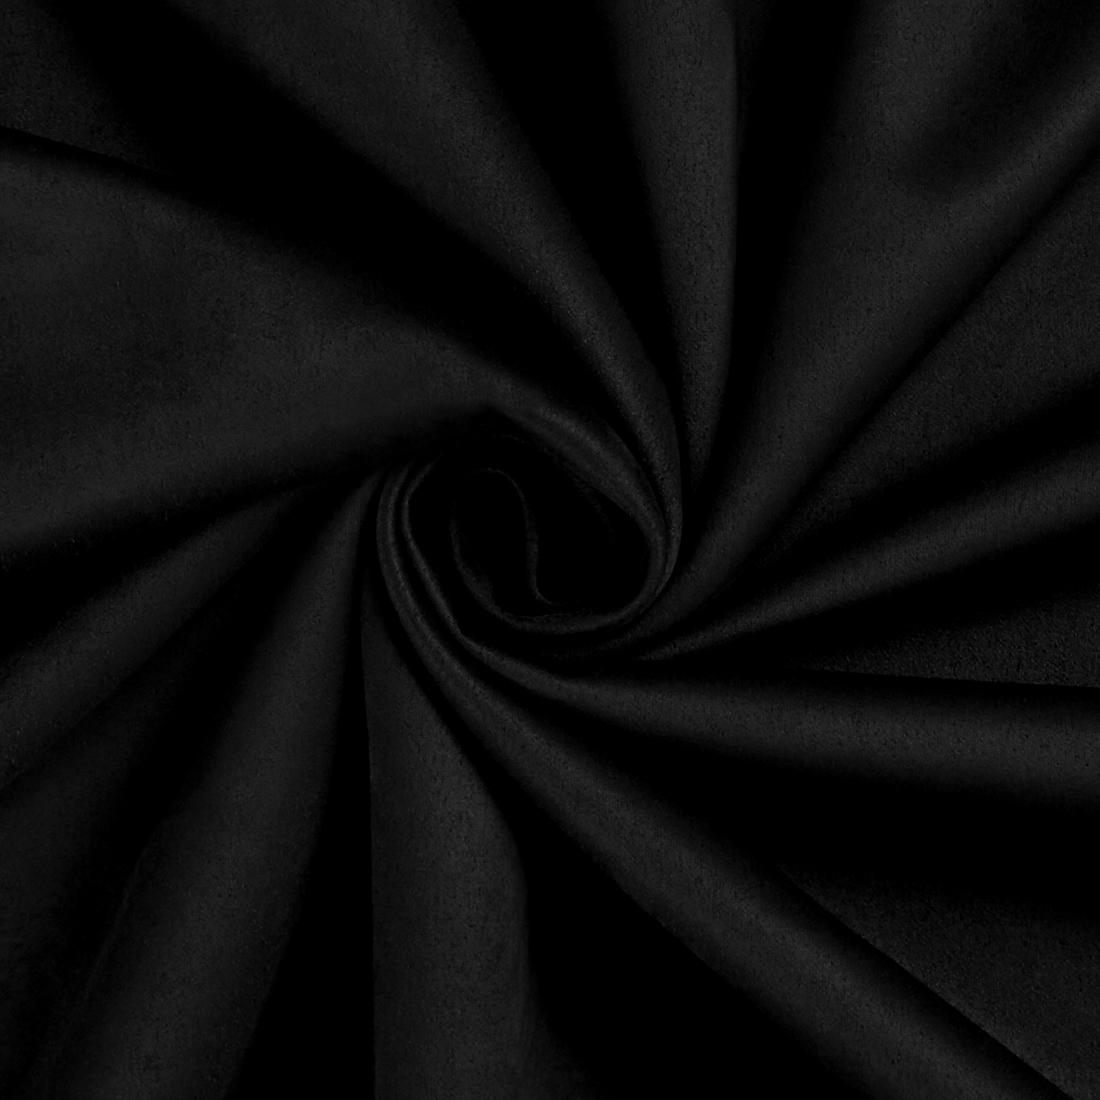 Scuba Suede Black Fabric